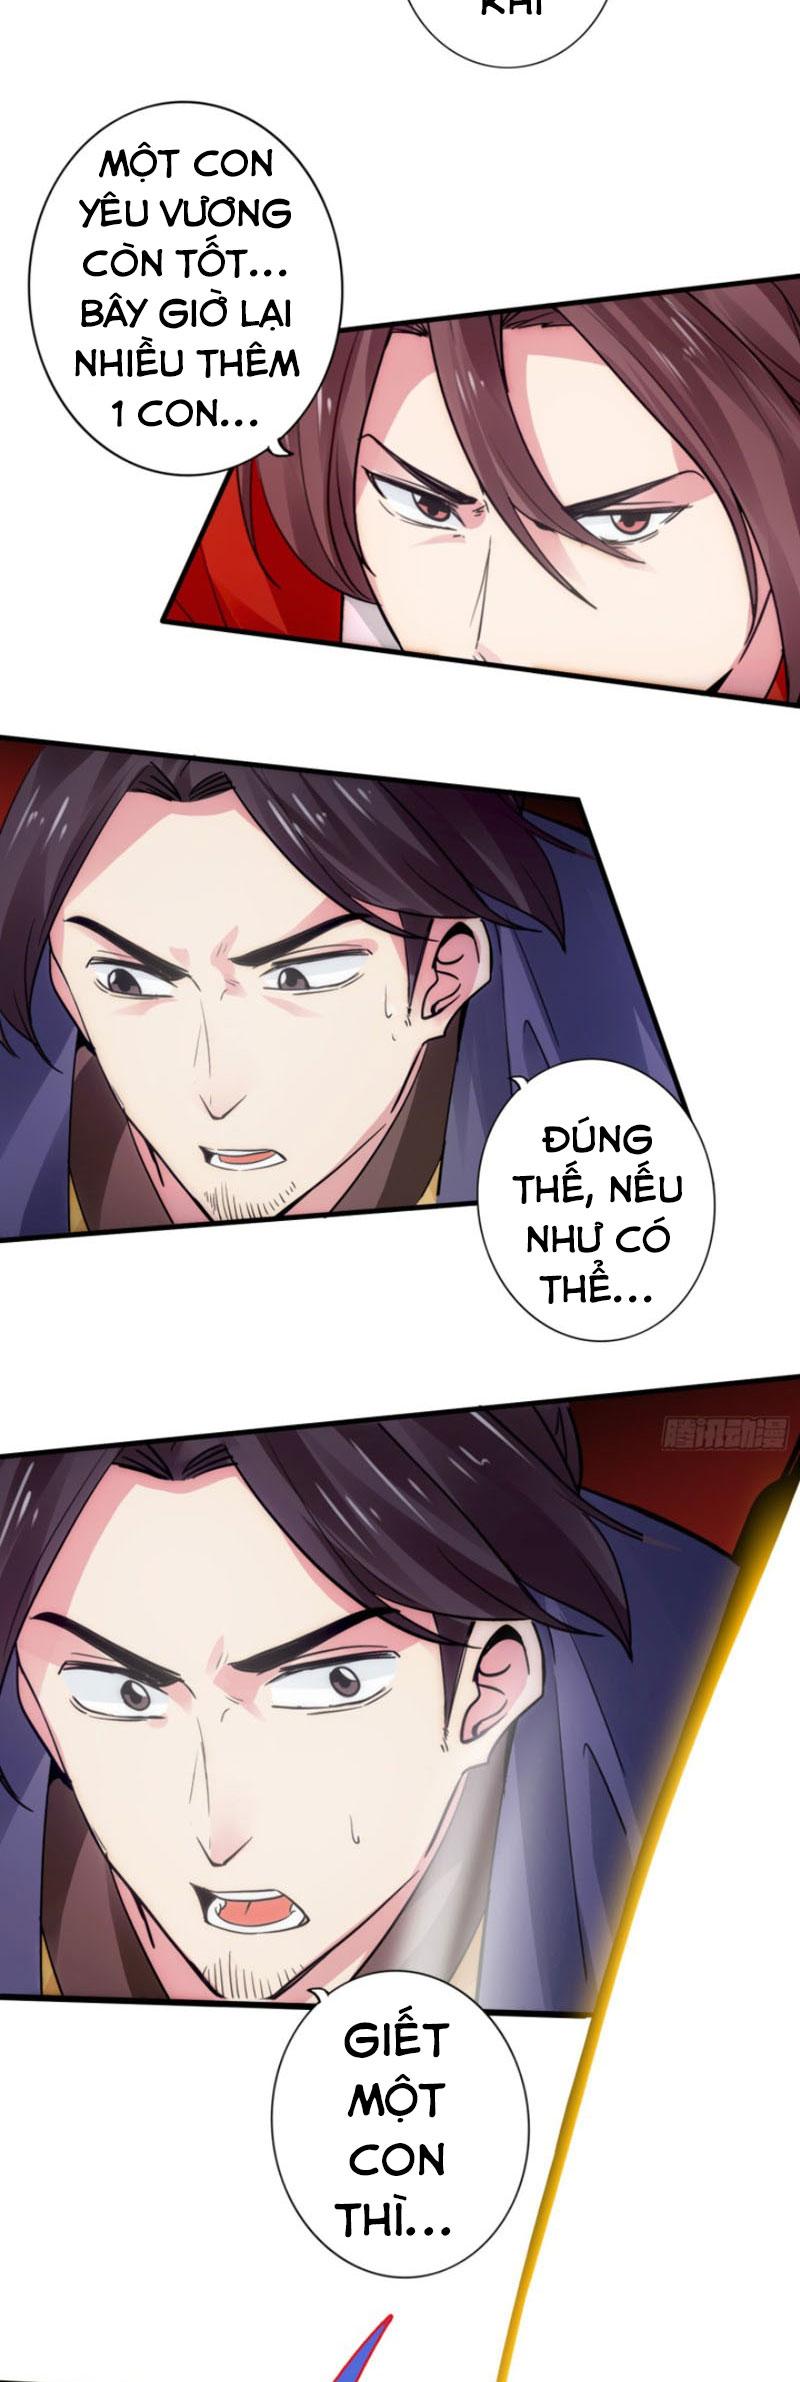 Chư Thiên Ký Chương 286 - Vcomic.net